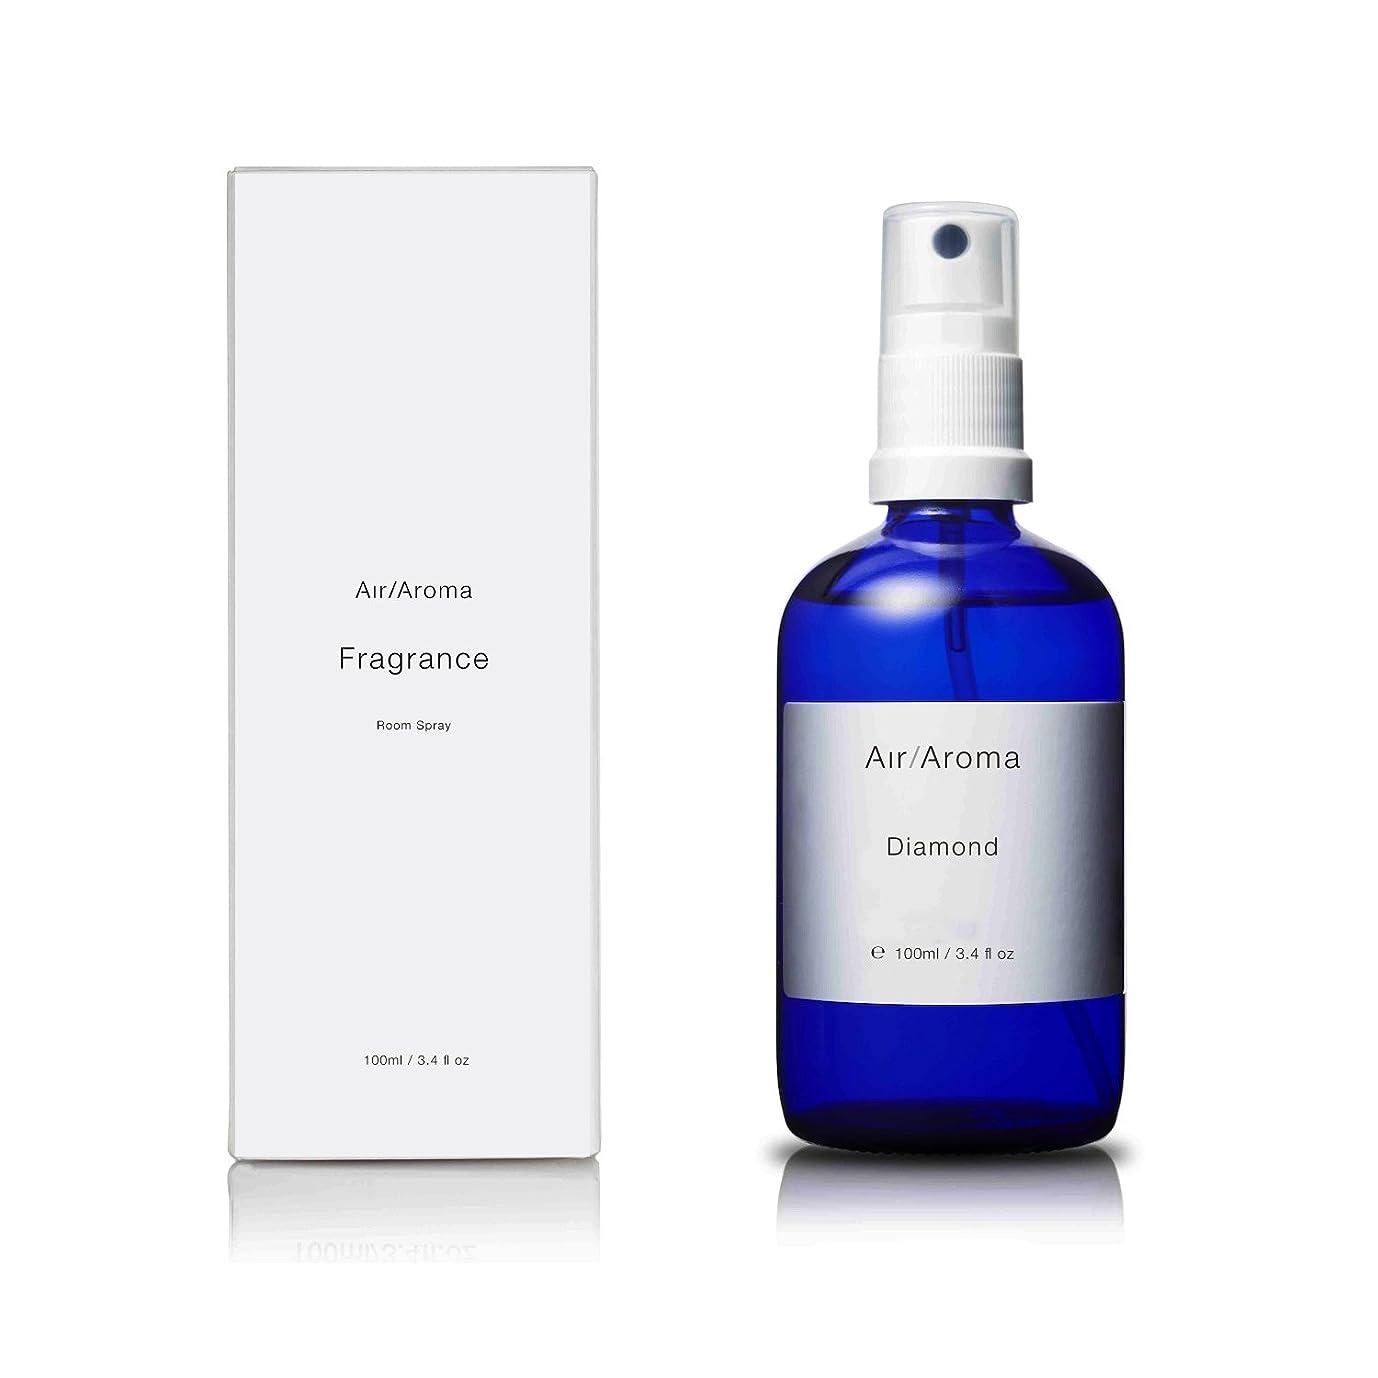 艦隊野生エアアロマ diamond room fragrance (ダイアモンド ルームフレグランス) 100ml